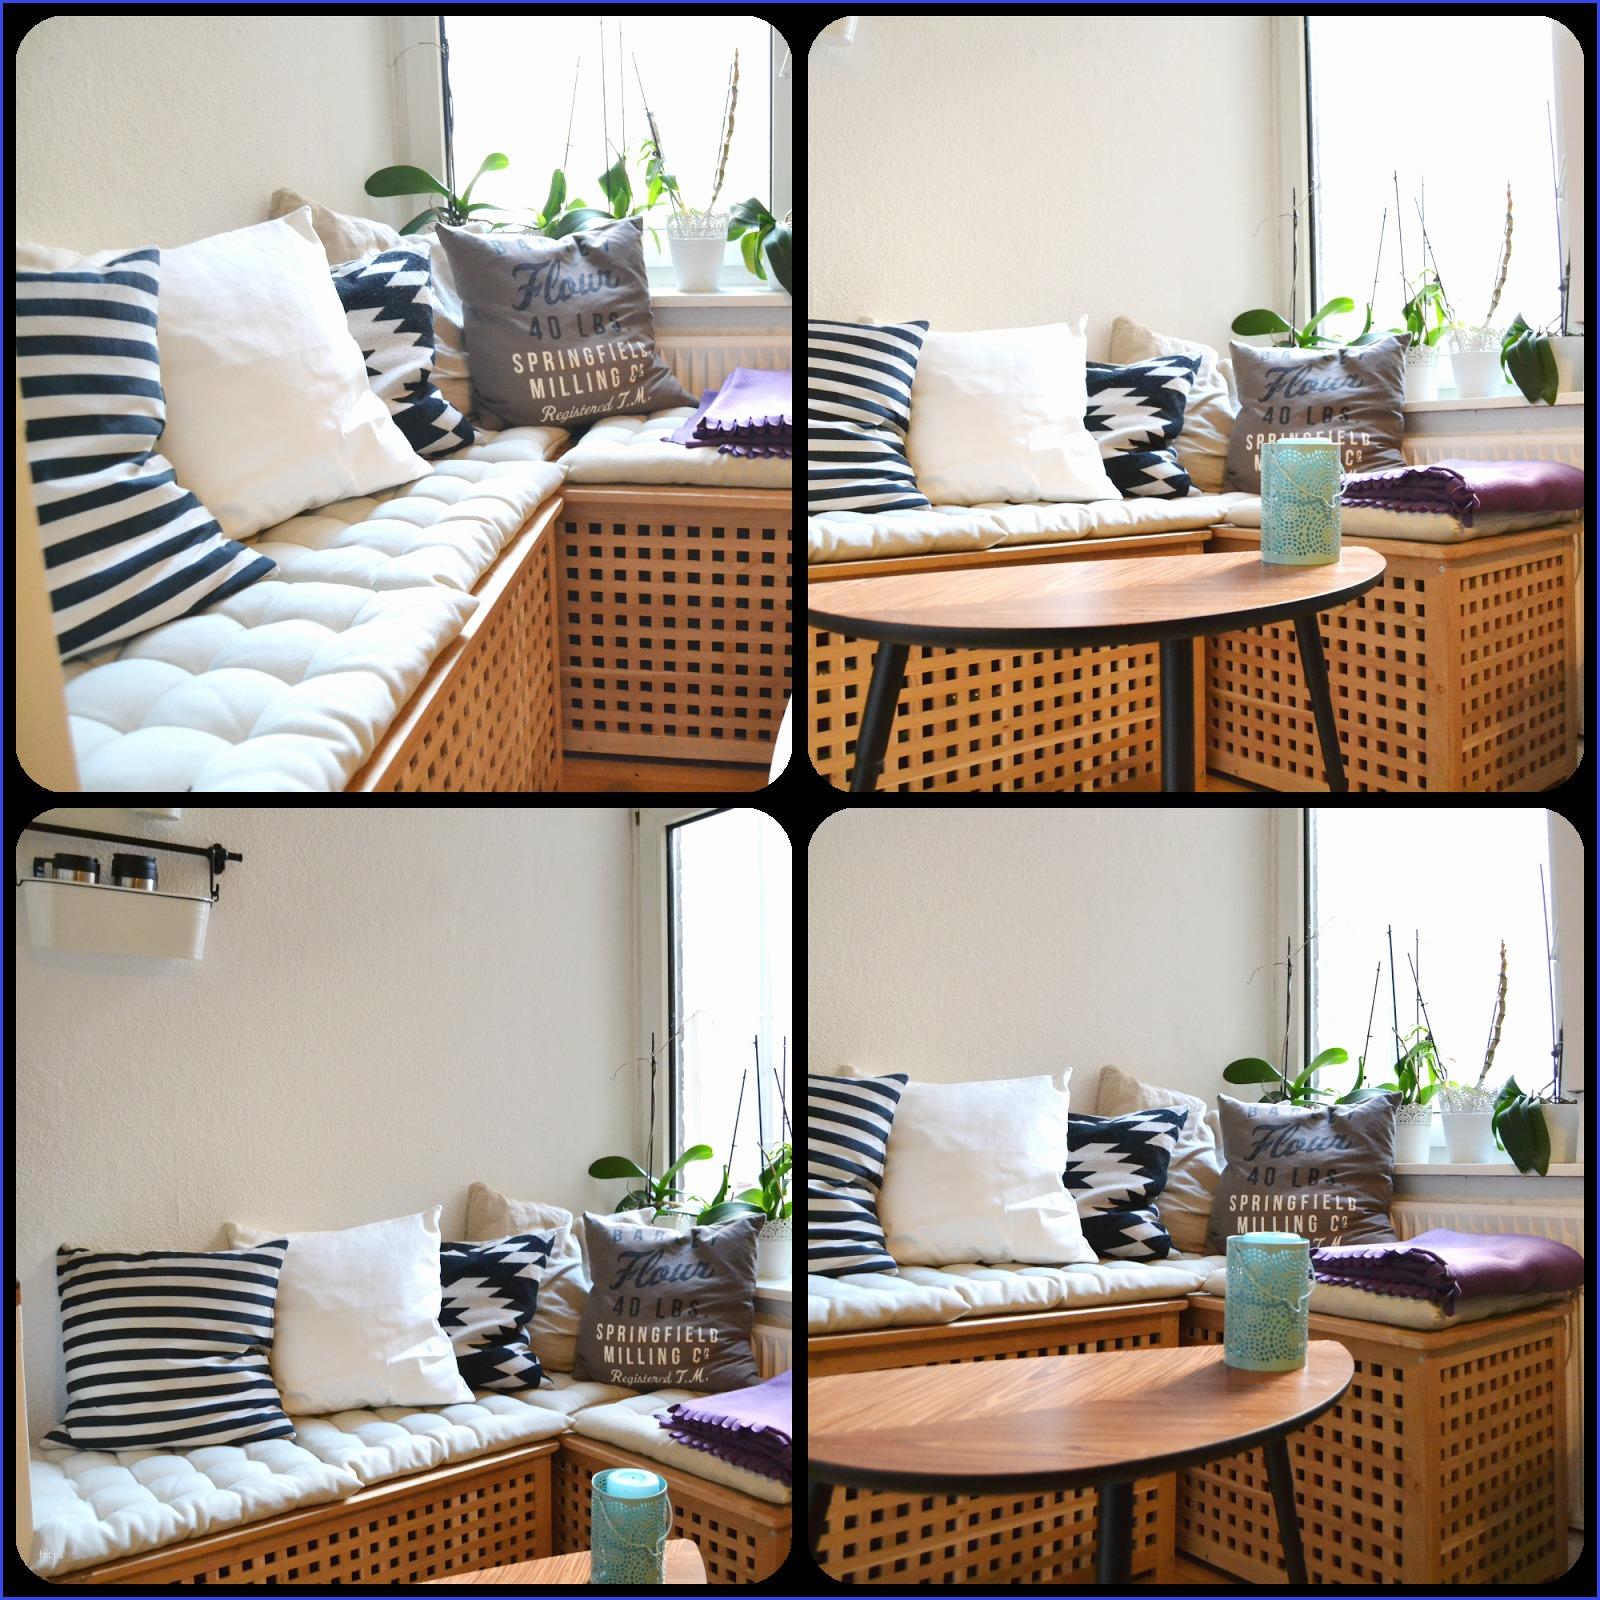 Full Size of Balkon Sichtschutz Bambus Ikea Miniküche Sichtschutzfolie Fenster Einseitig Durchsichtig Garten Wpc Sofa Mit Schlaffunktion Betten Bei Holz Für Bett Küche Wohnzimmer Balkon Sichtschutz Bambus Ikea